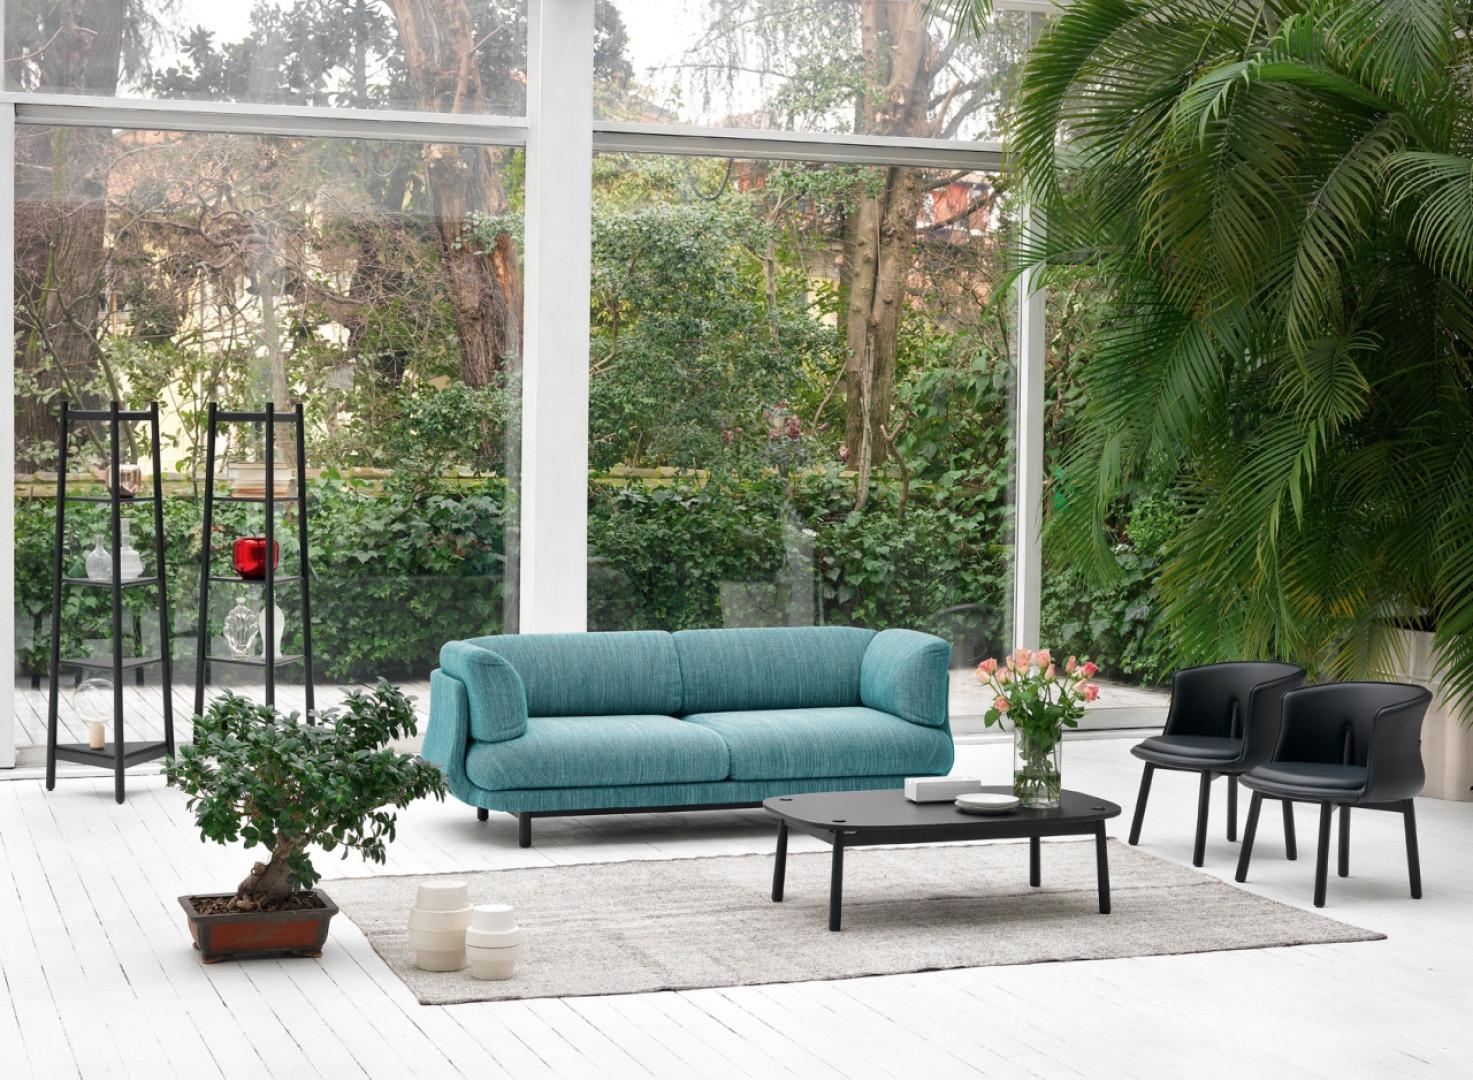 Sofa z kolekcji Peg firmy Cappellini. Projekt: Oki Sato (Nendo). Fot. Cappellini